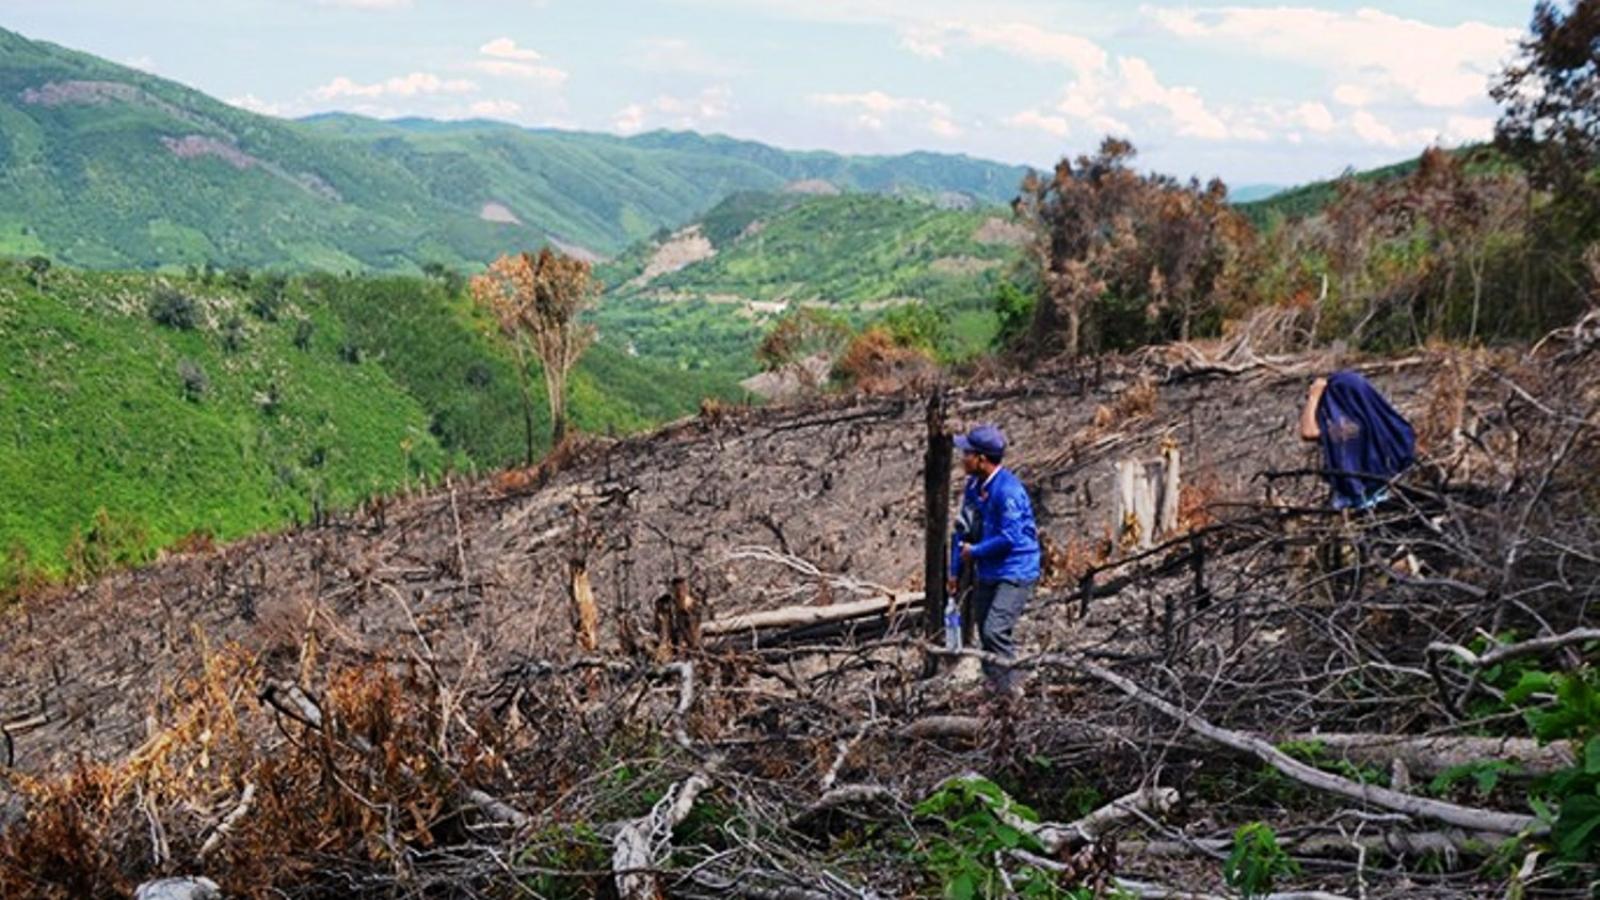 Kiểm tra dấu hiệu vi phạm đối với cán bộ xã liên quan đến phá rừng ở Phú Yên